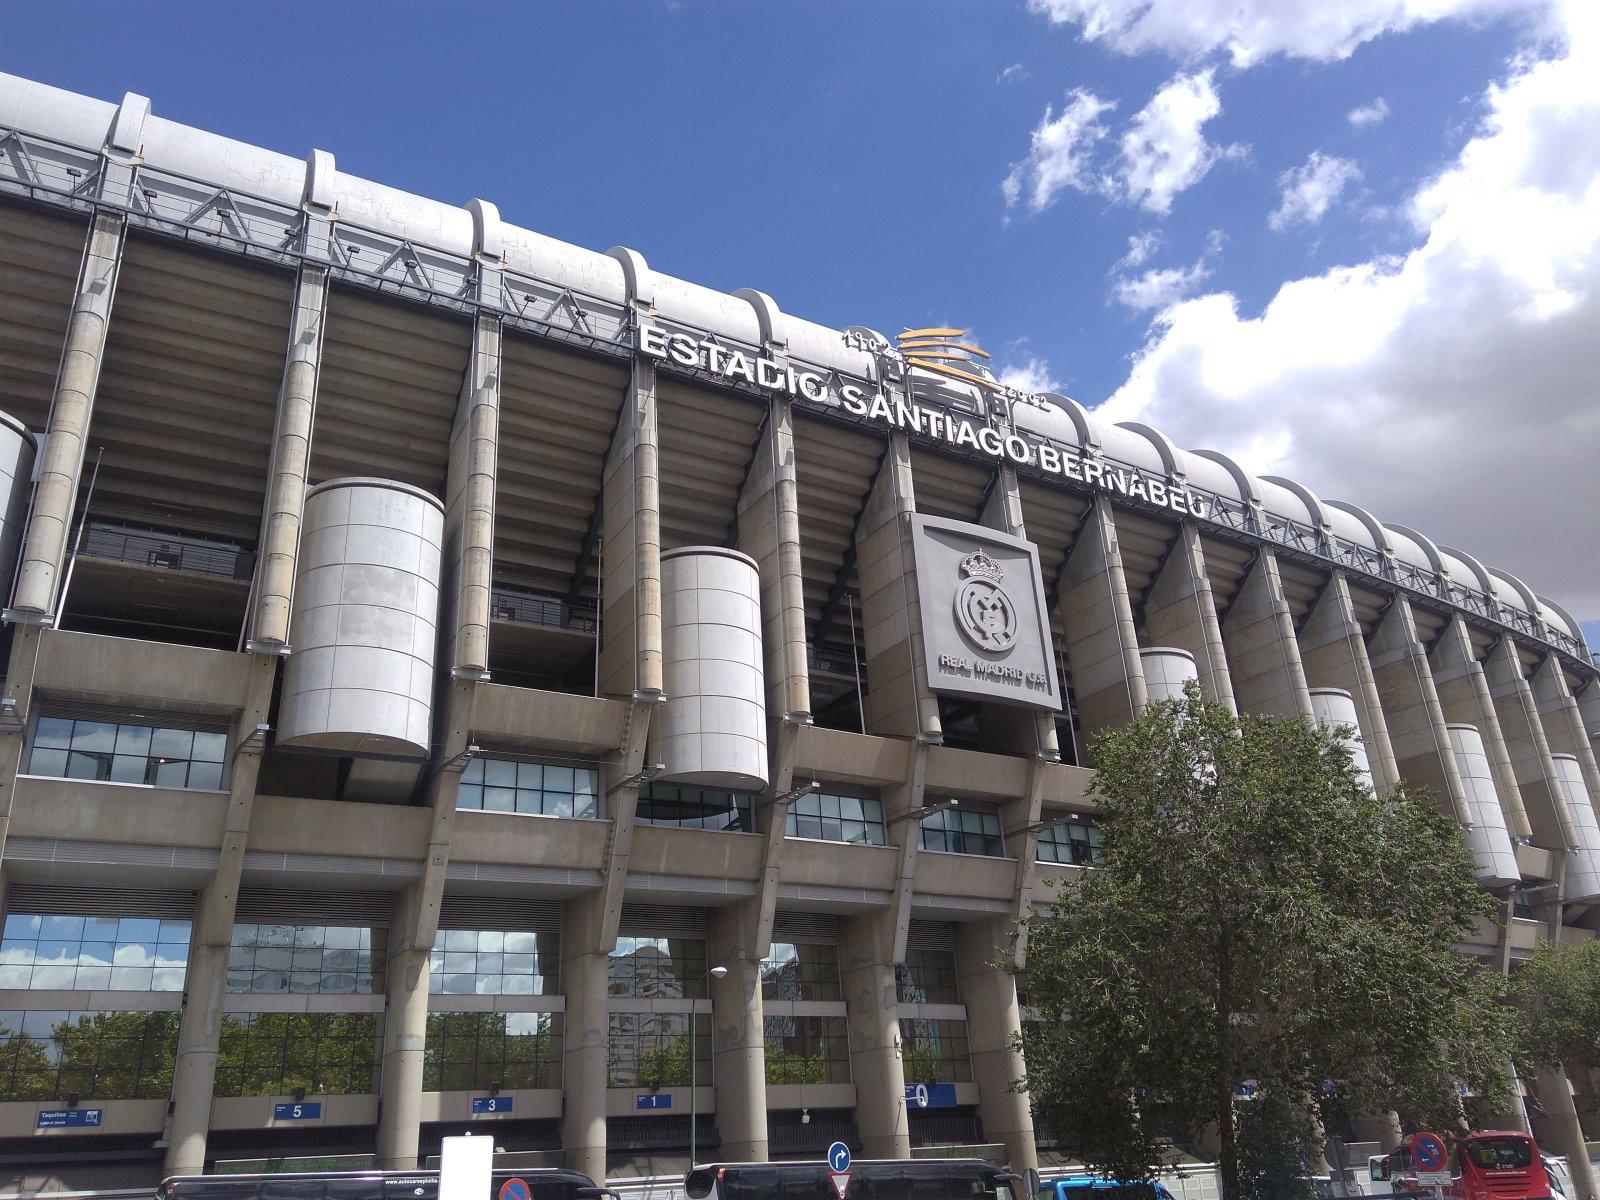 Стадион Сантьяго Бернабеу футбольного клуба Реал Мадрид.